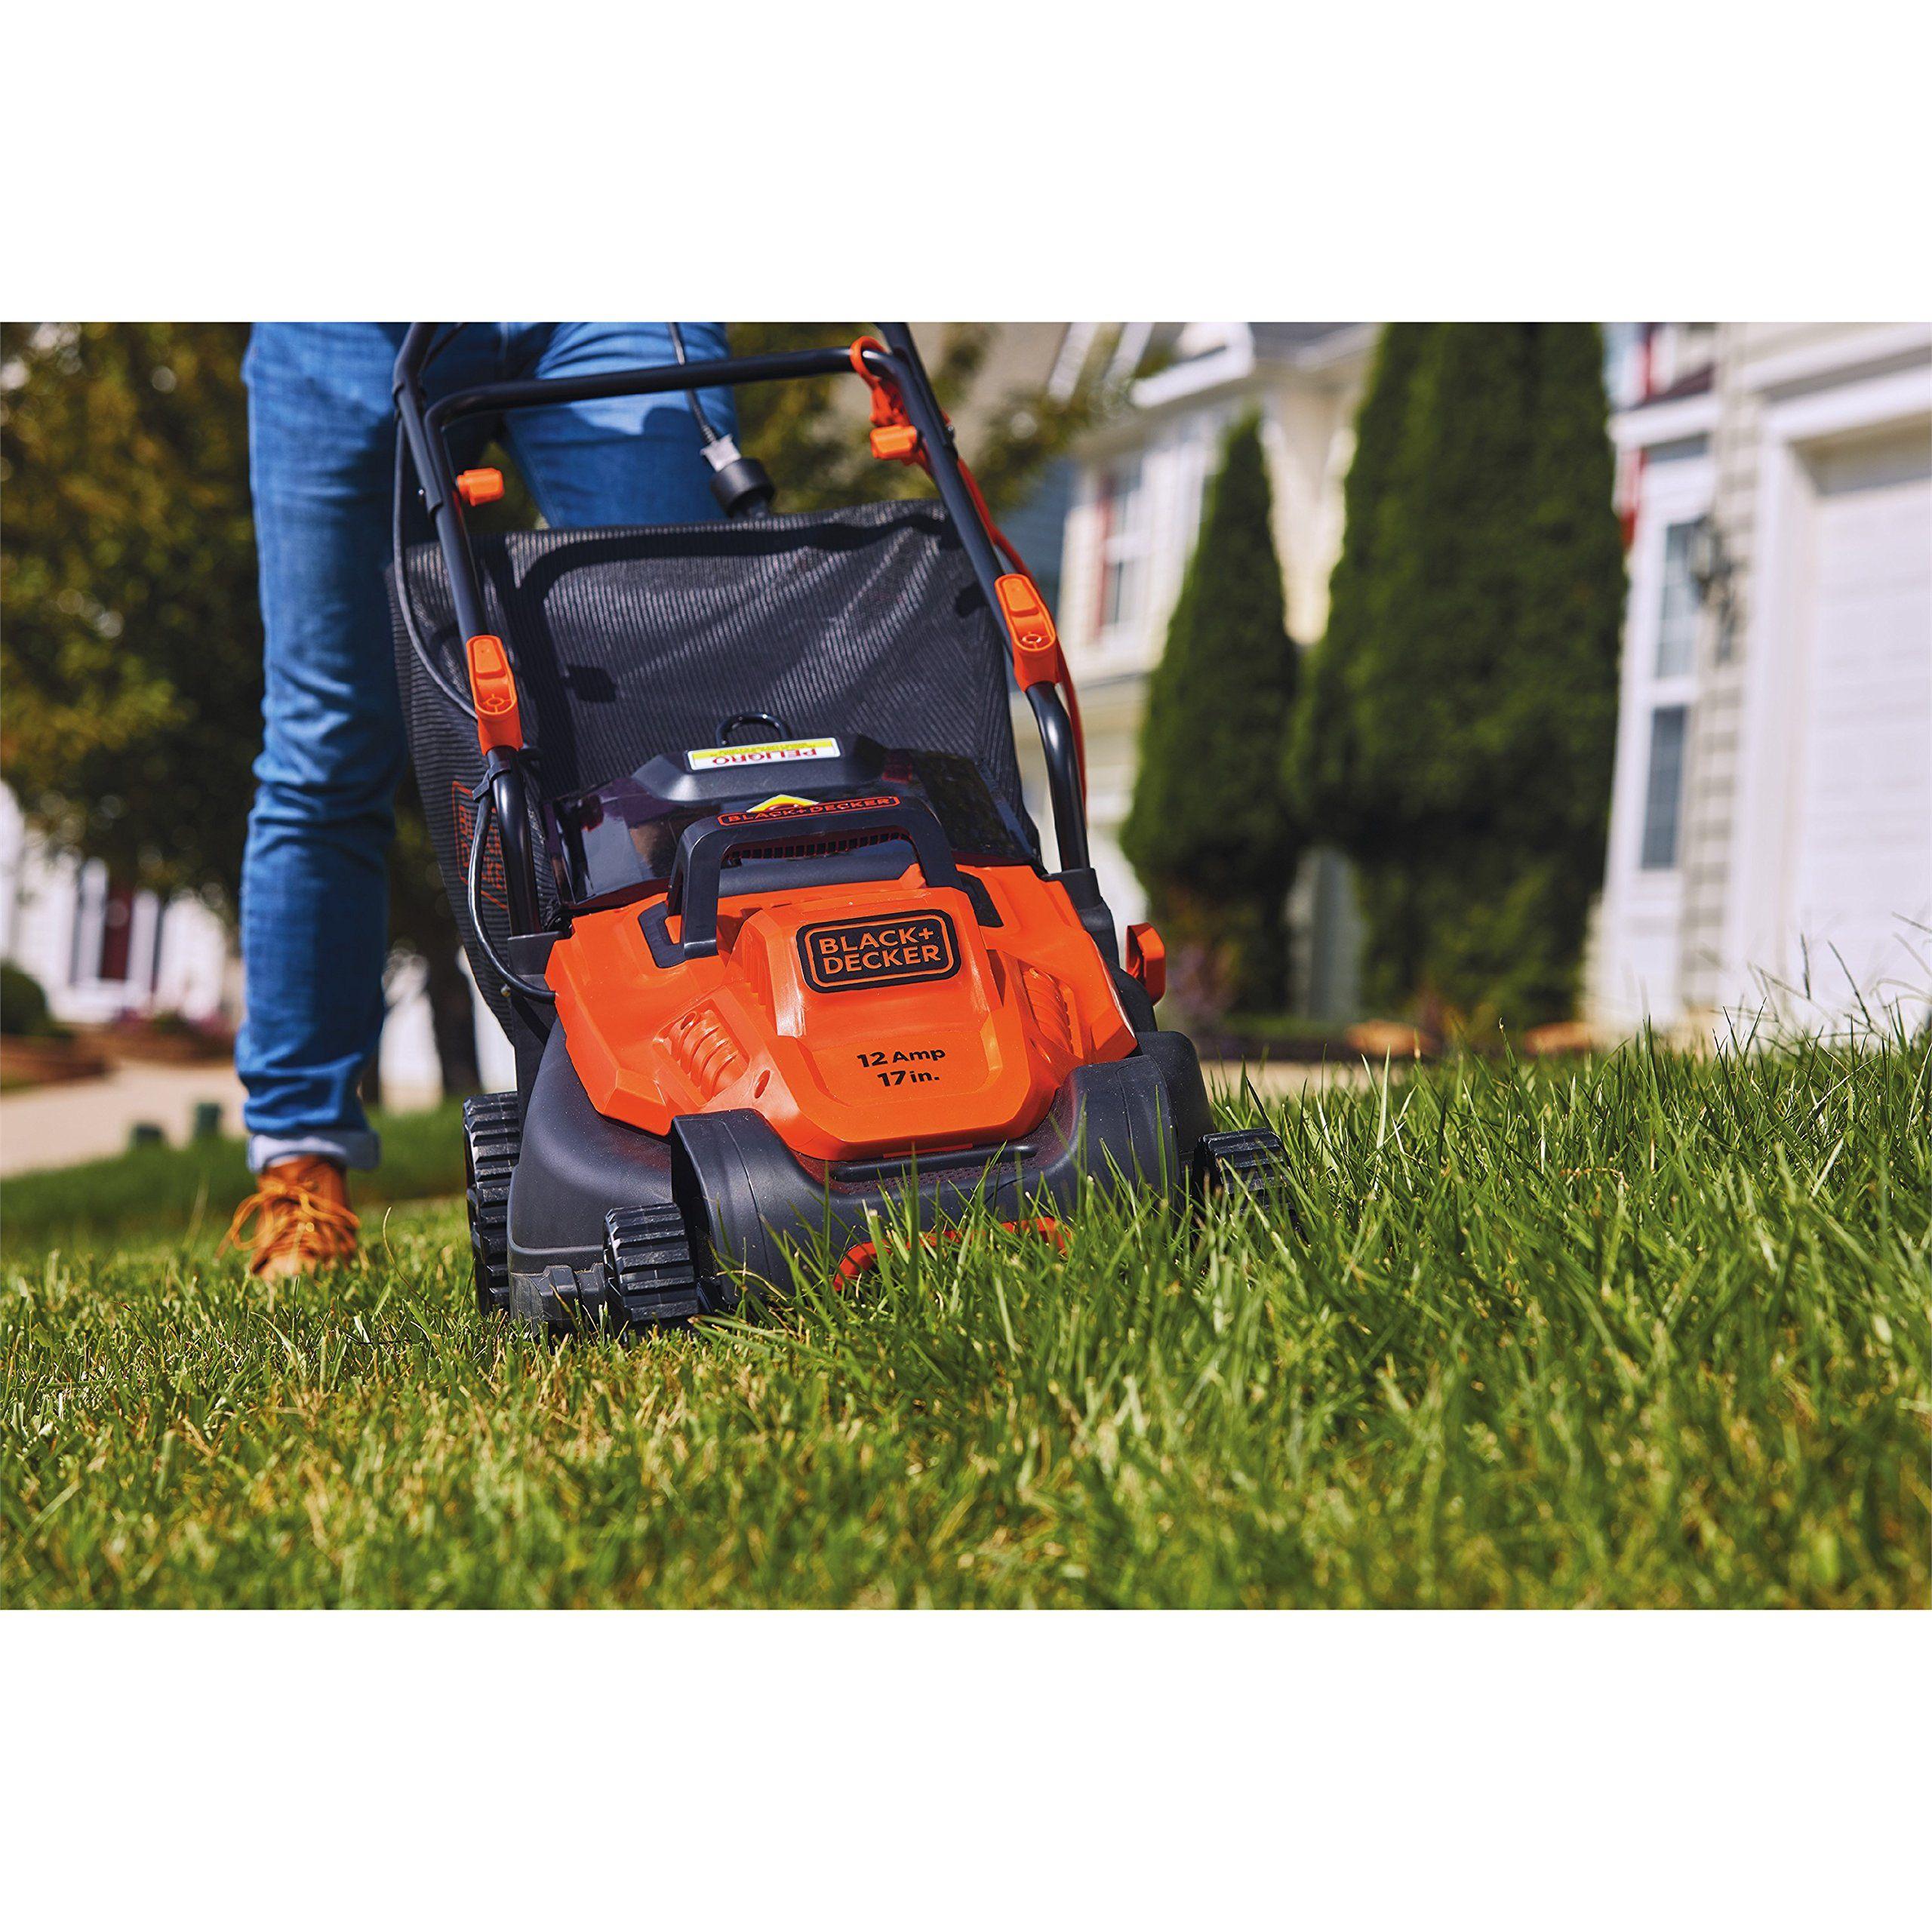 AISEN Air Filter Fuel Filter for 14 083 22-S Kohler XT650 XT675 XT775 XT800 XT6.5 6.5HP XT6.75 6.75HP Engine Motor Toro Lawn-Boy Lawn Mower Spark Plug